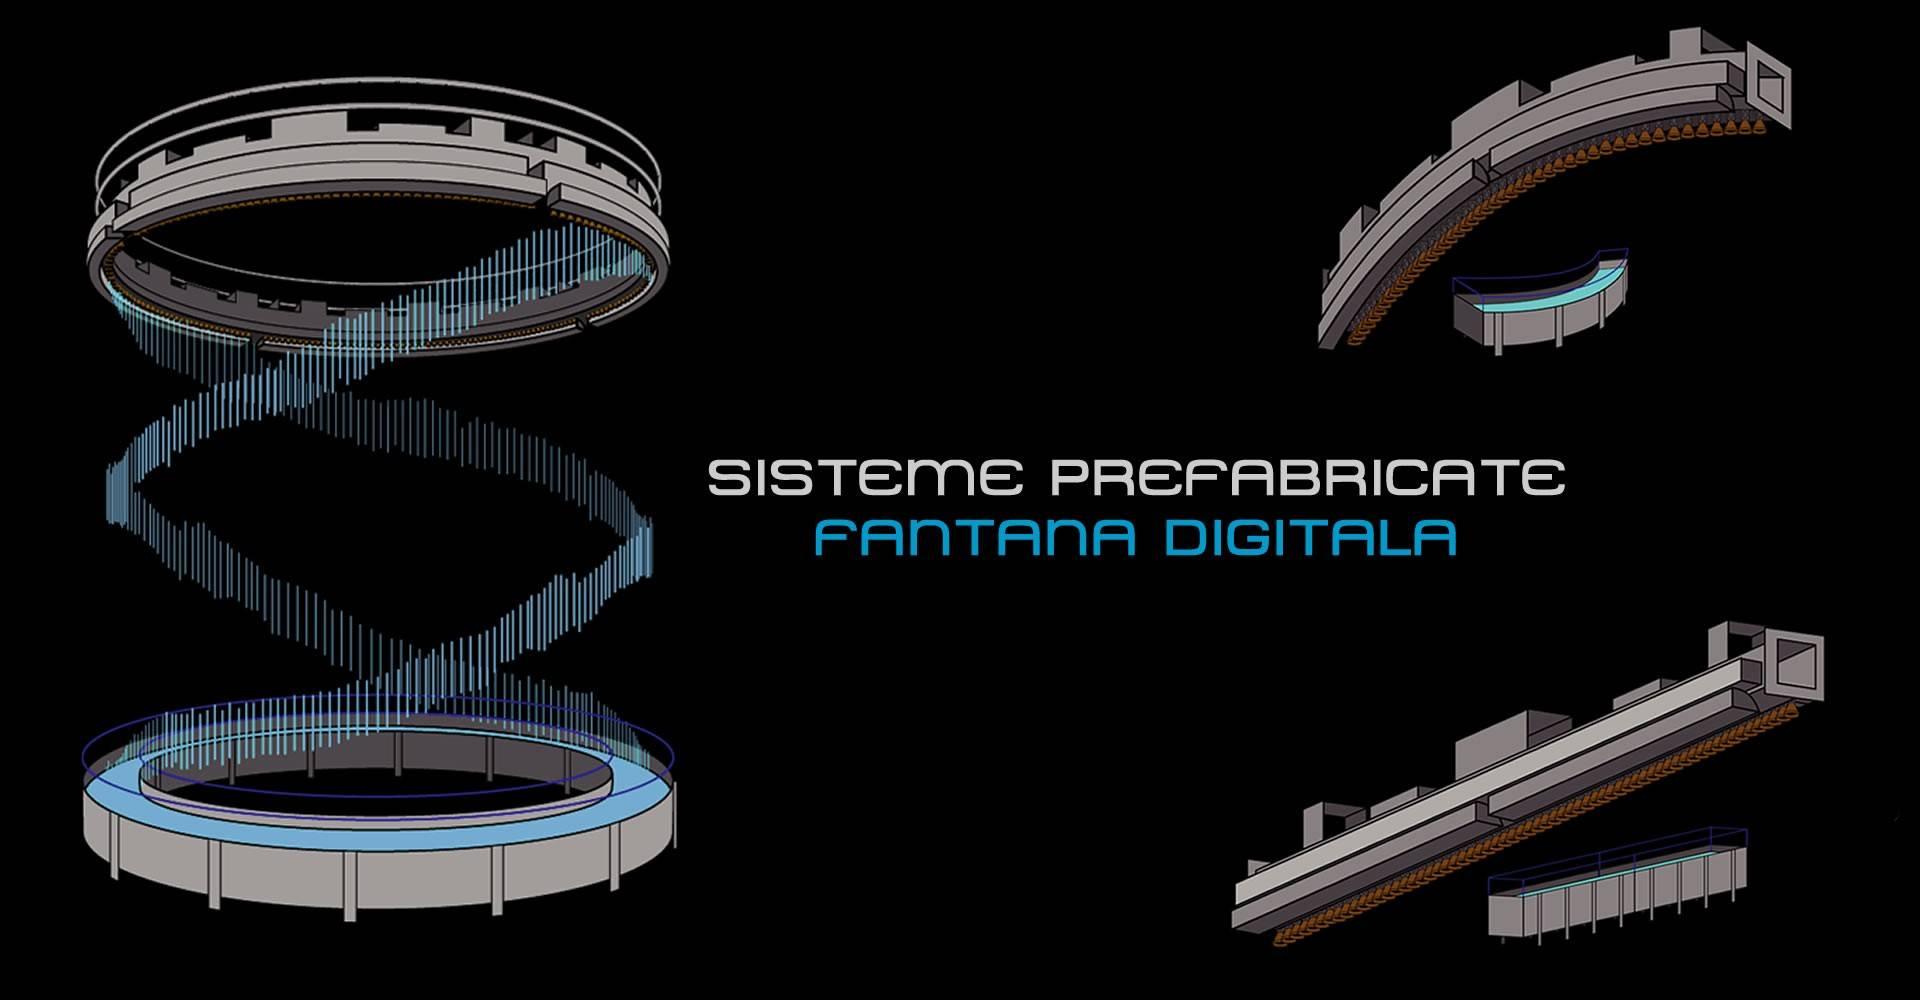 proiect-fantana-digitala-01